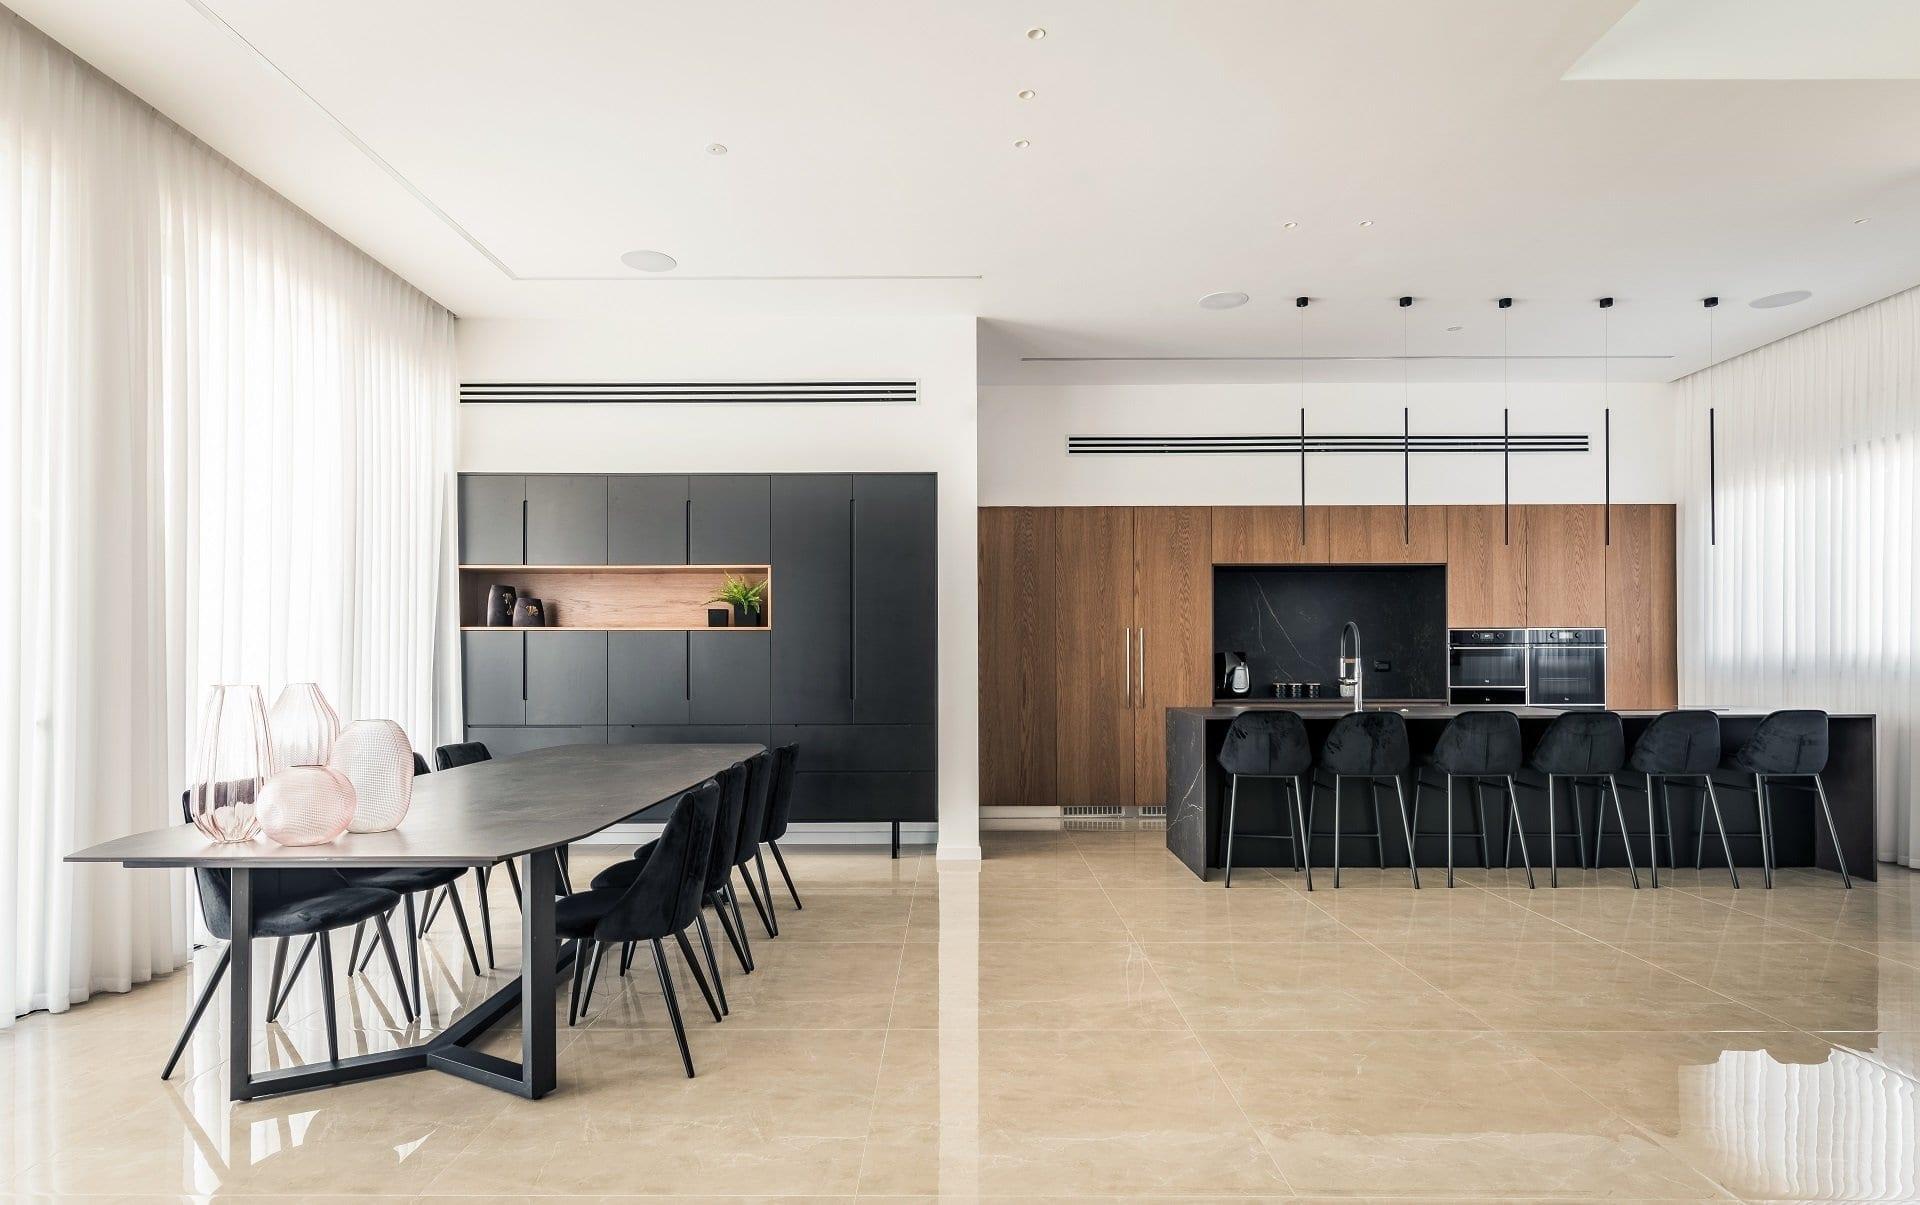 מטבח מודרני שחור ועץ